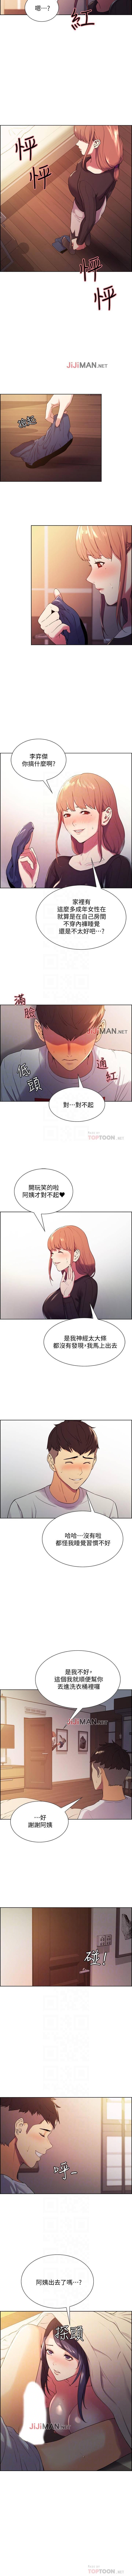 【周二连载】室友招募中(作者:Serious) 第1~13话 34